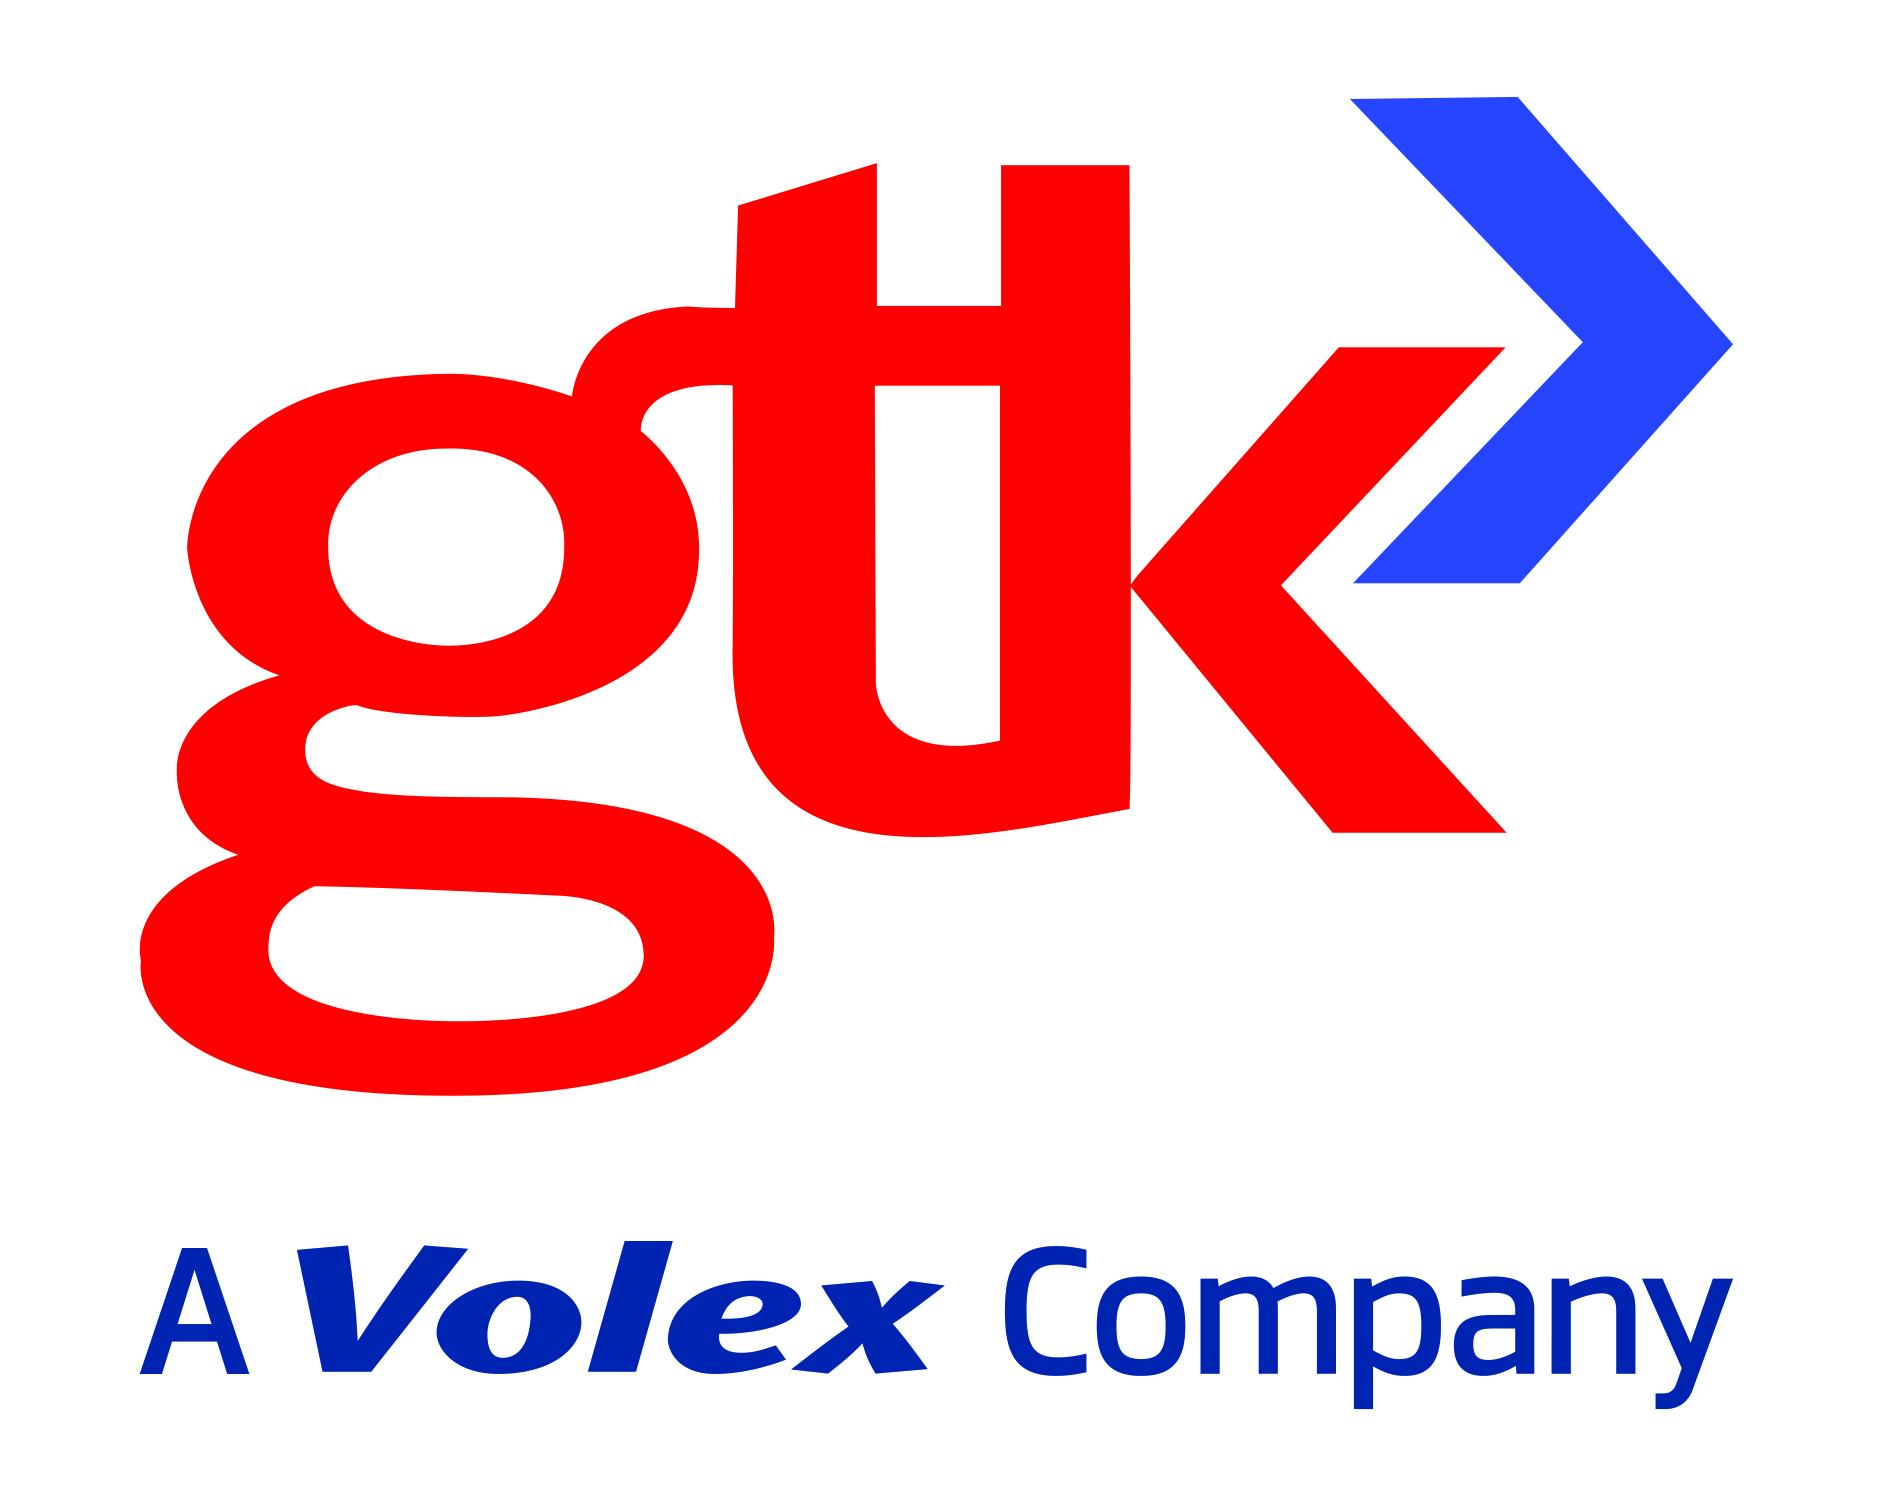 GTK a volex company